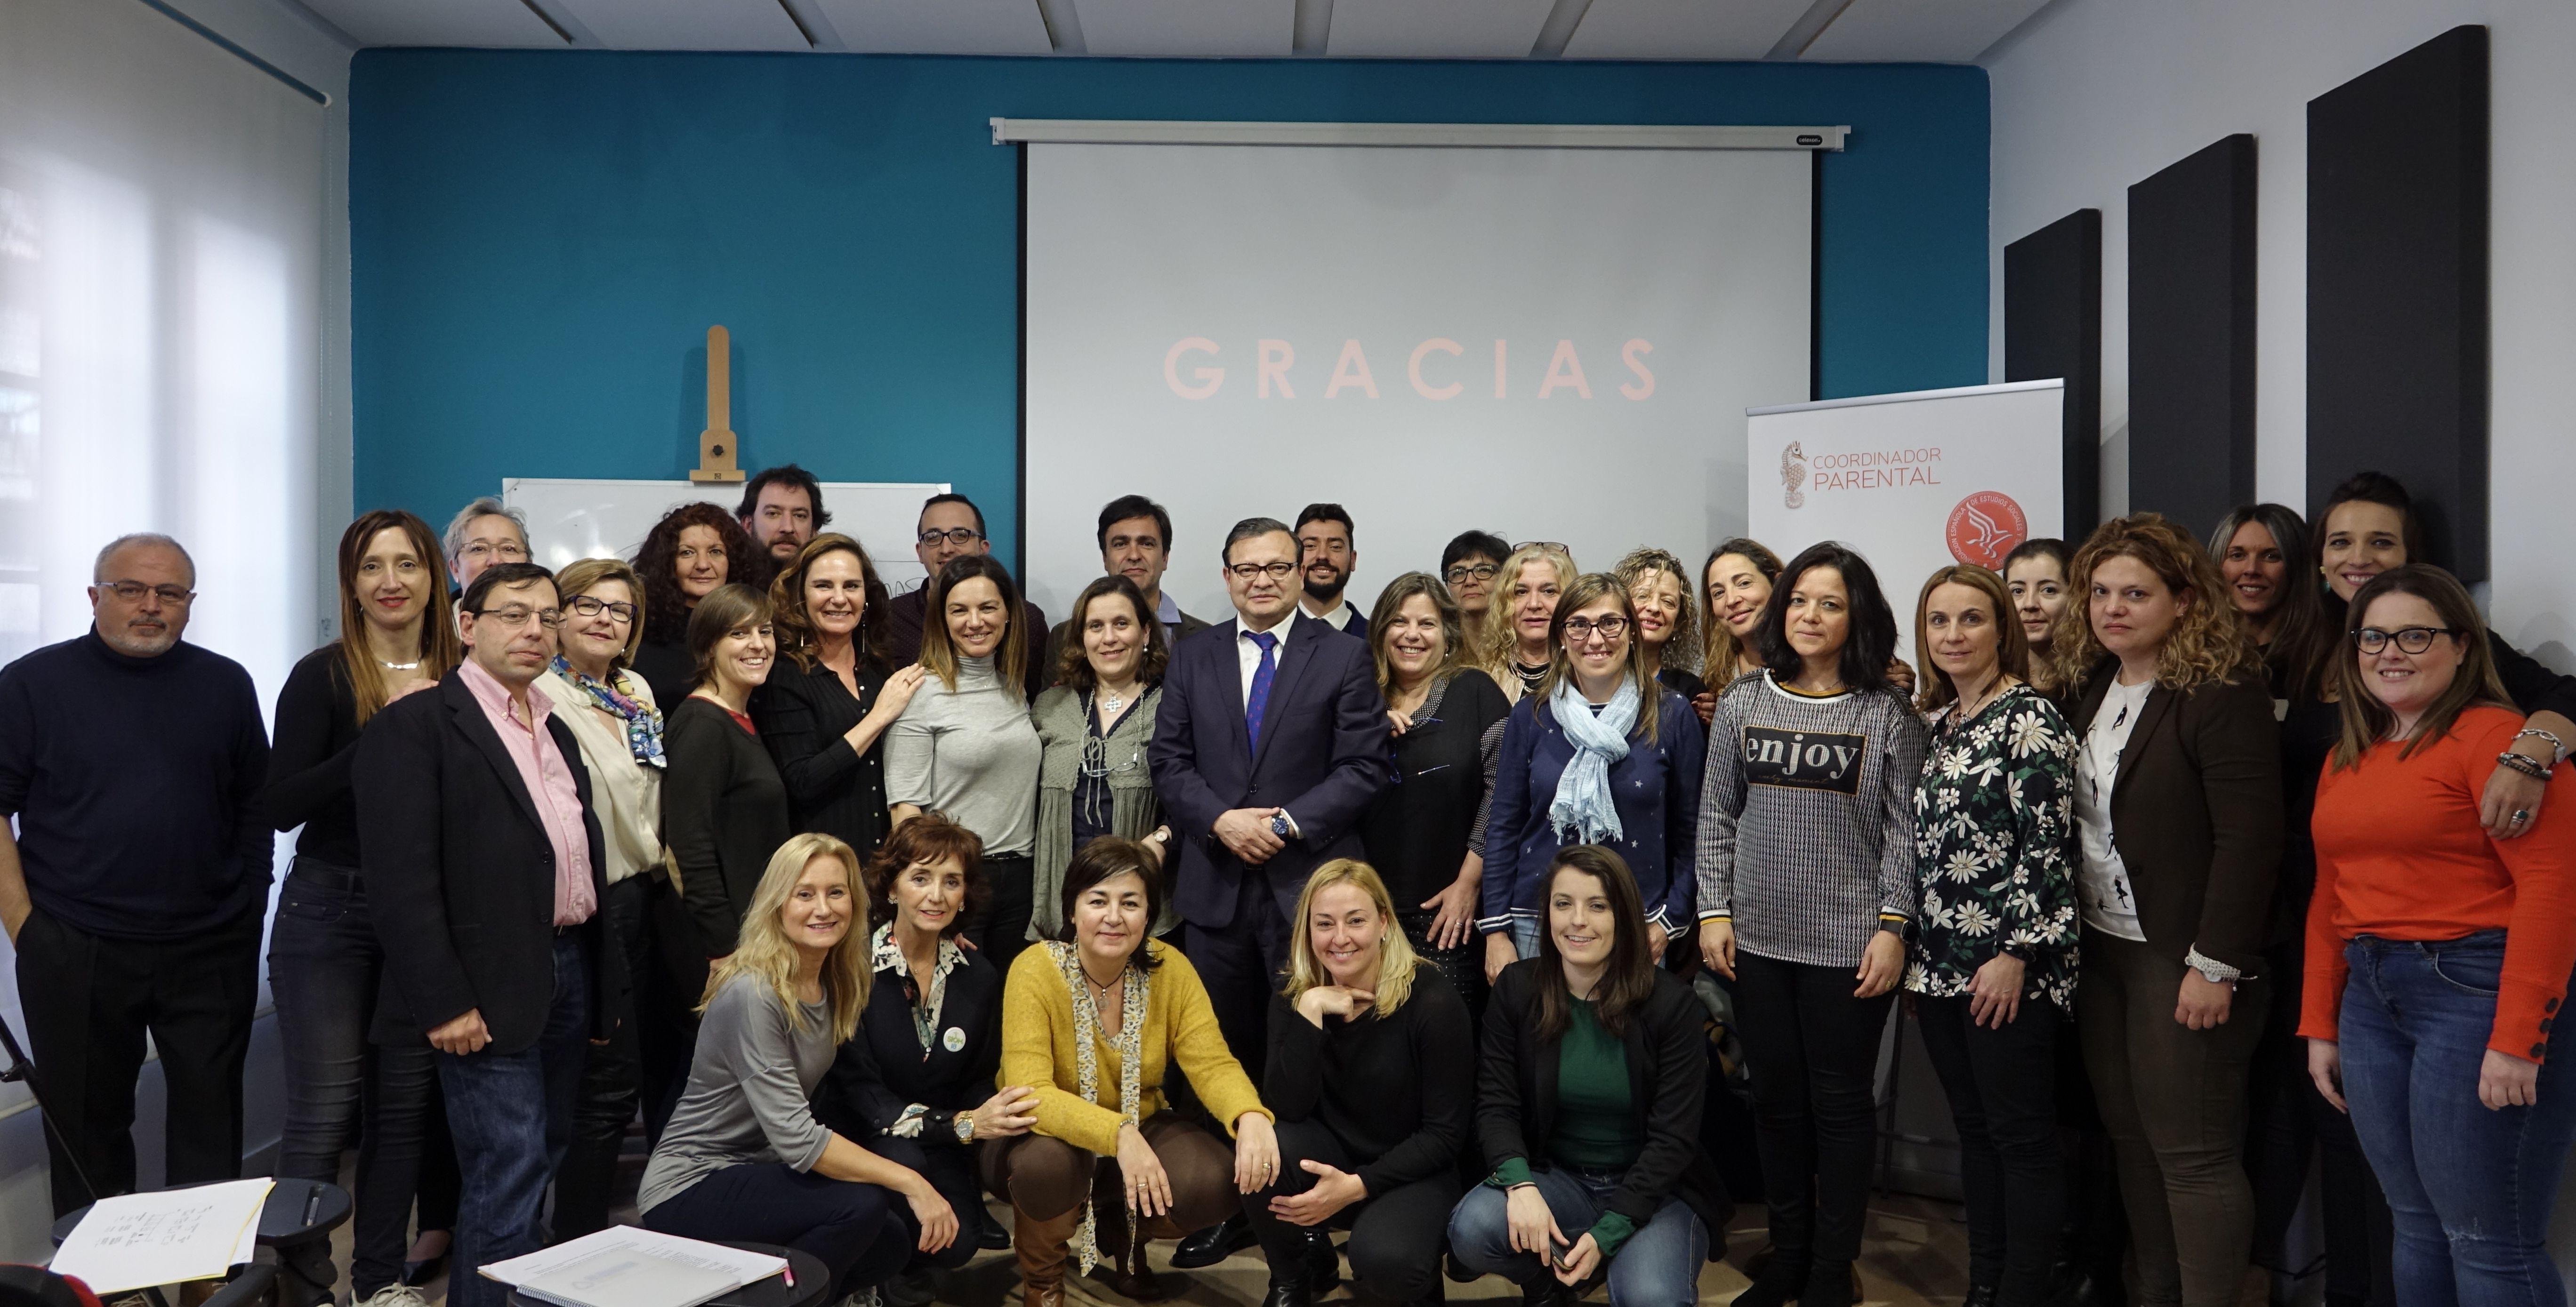 II Encuentro Coordinadores de Parentalidad Madrid